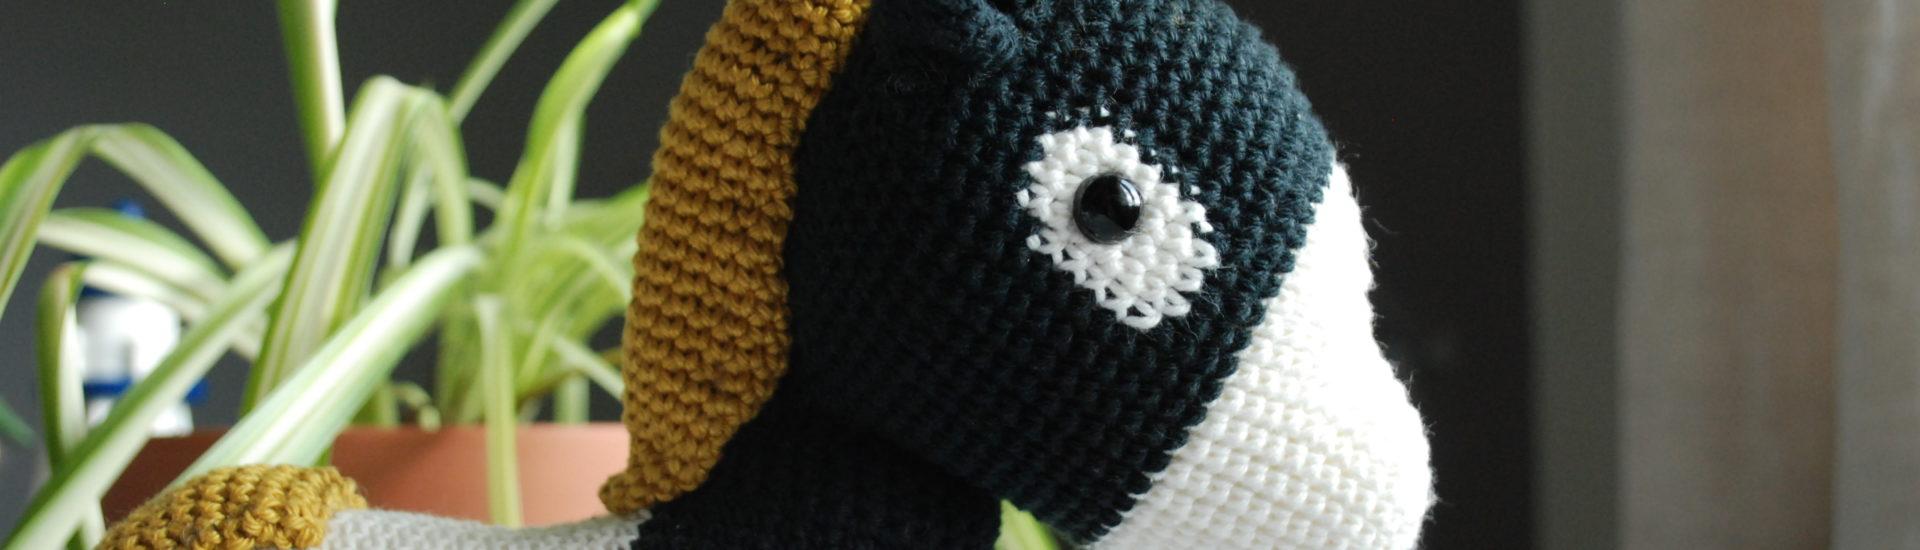 La Fabrique des songes – Amigurumis and crochet designs